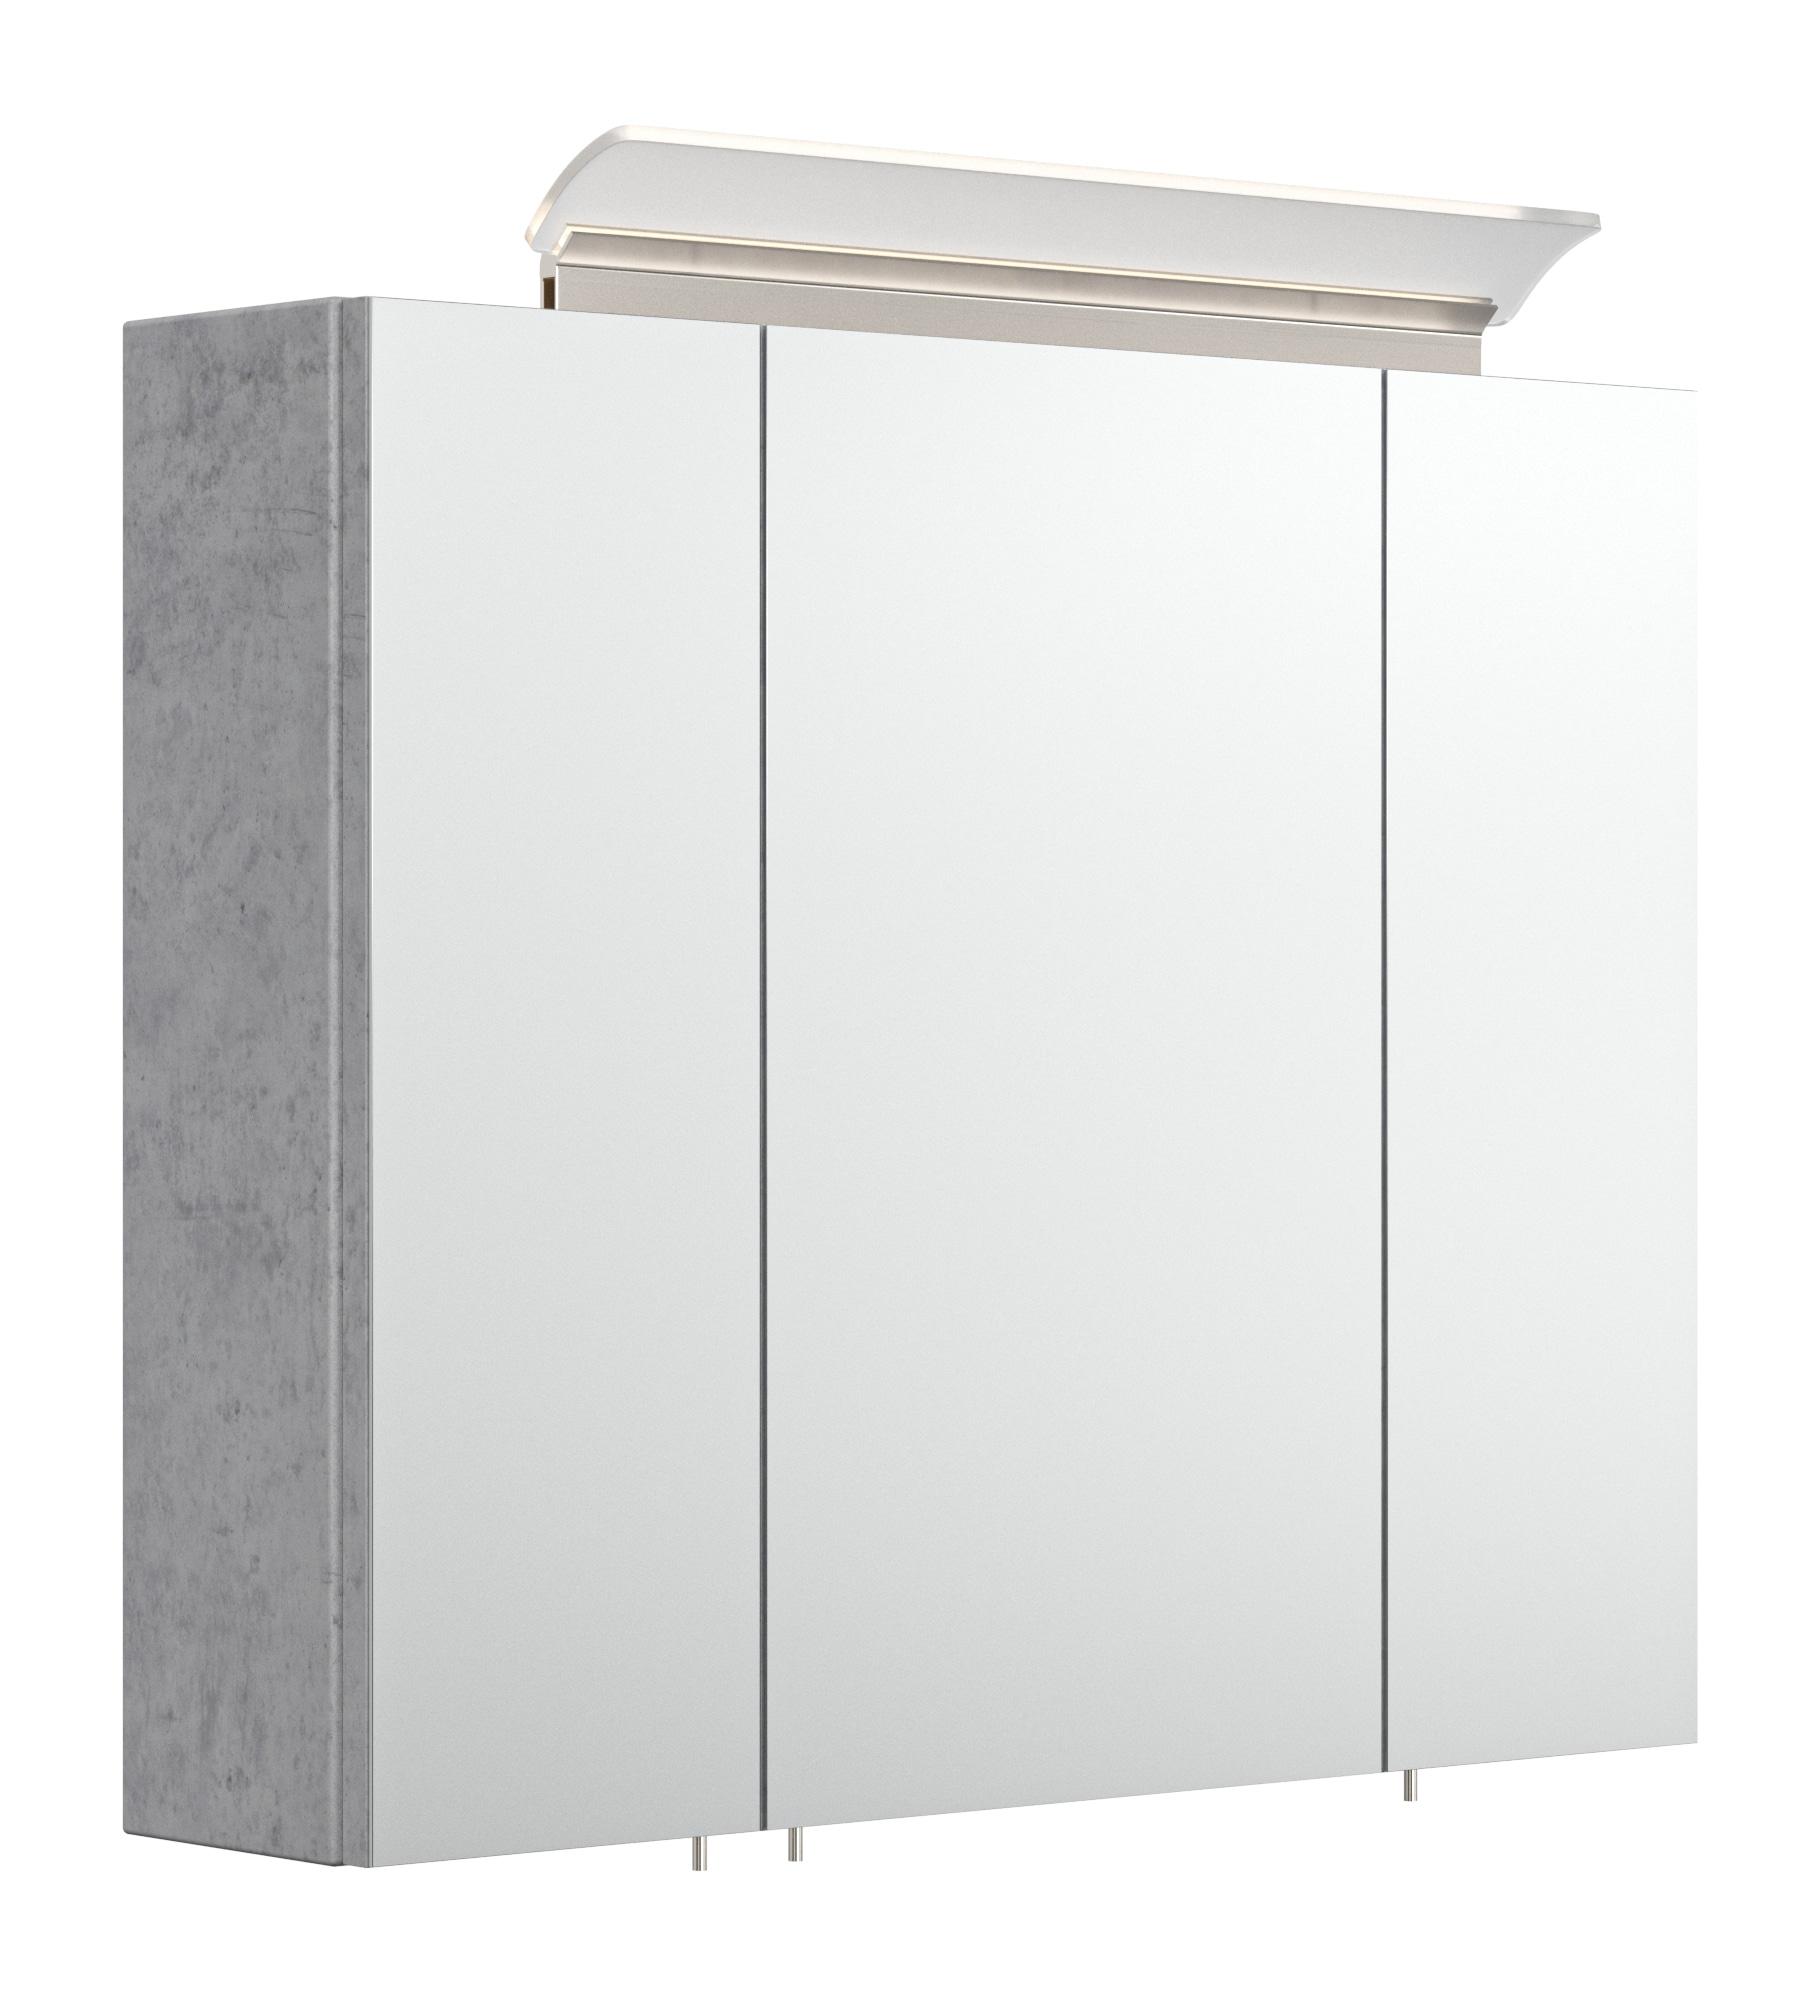 Saniclear Rocky 75cm spiegelkast met design LED verlichting beton grijs